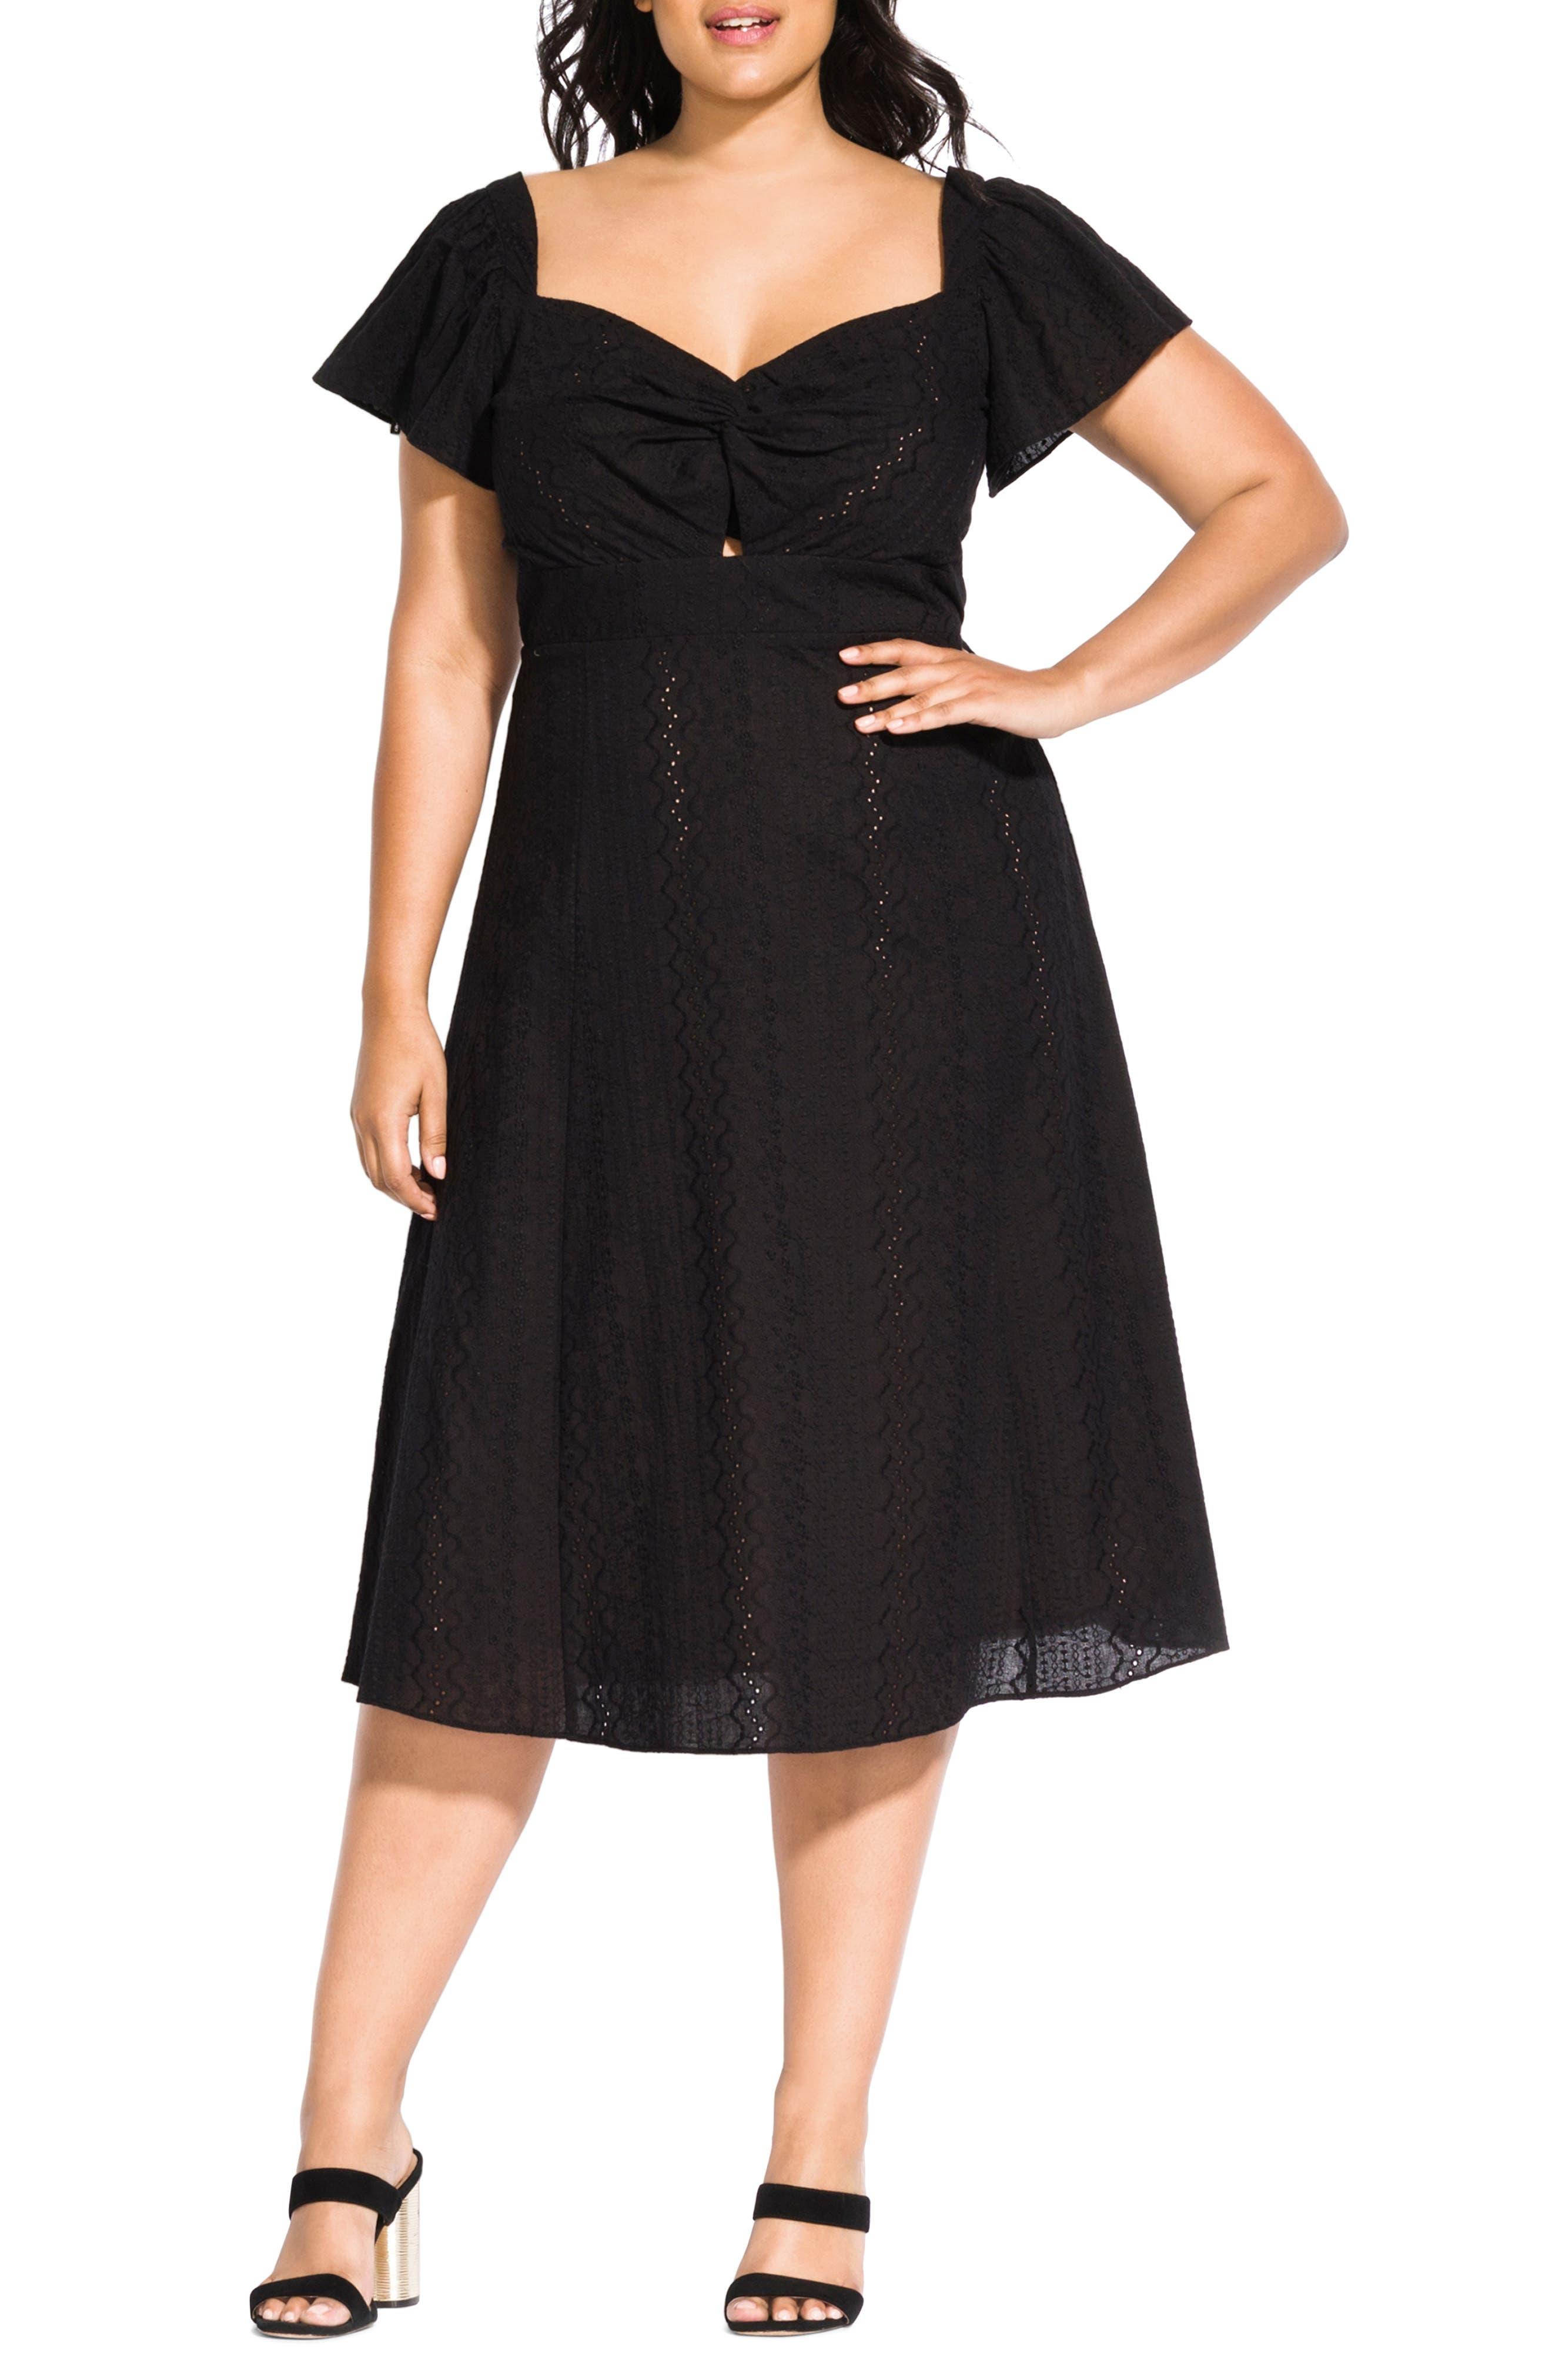 Plus Size Vintage Dresses, Plus Size Retro Dresses Plus Size Womens City Chic Pretty Eyelet Dress $129.00 AT vintagedancer.com